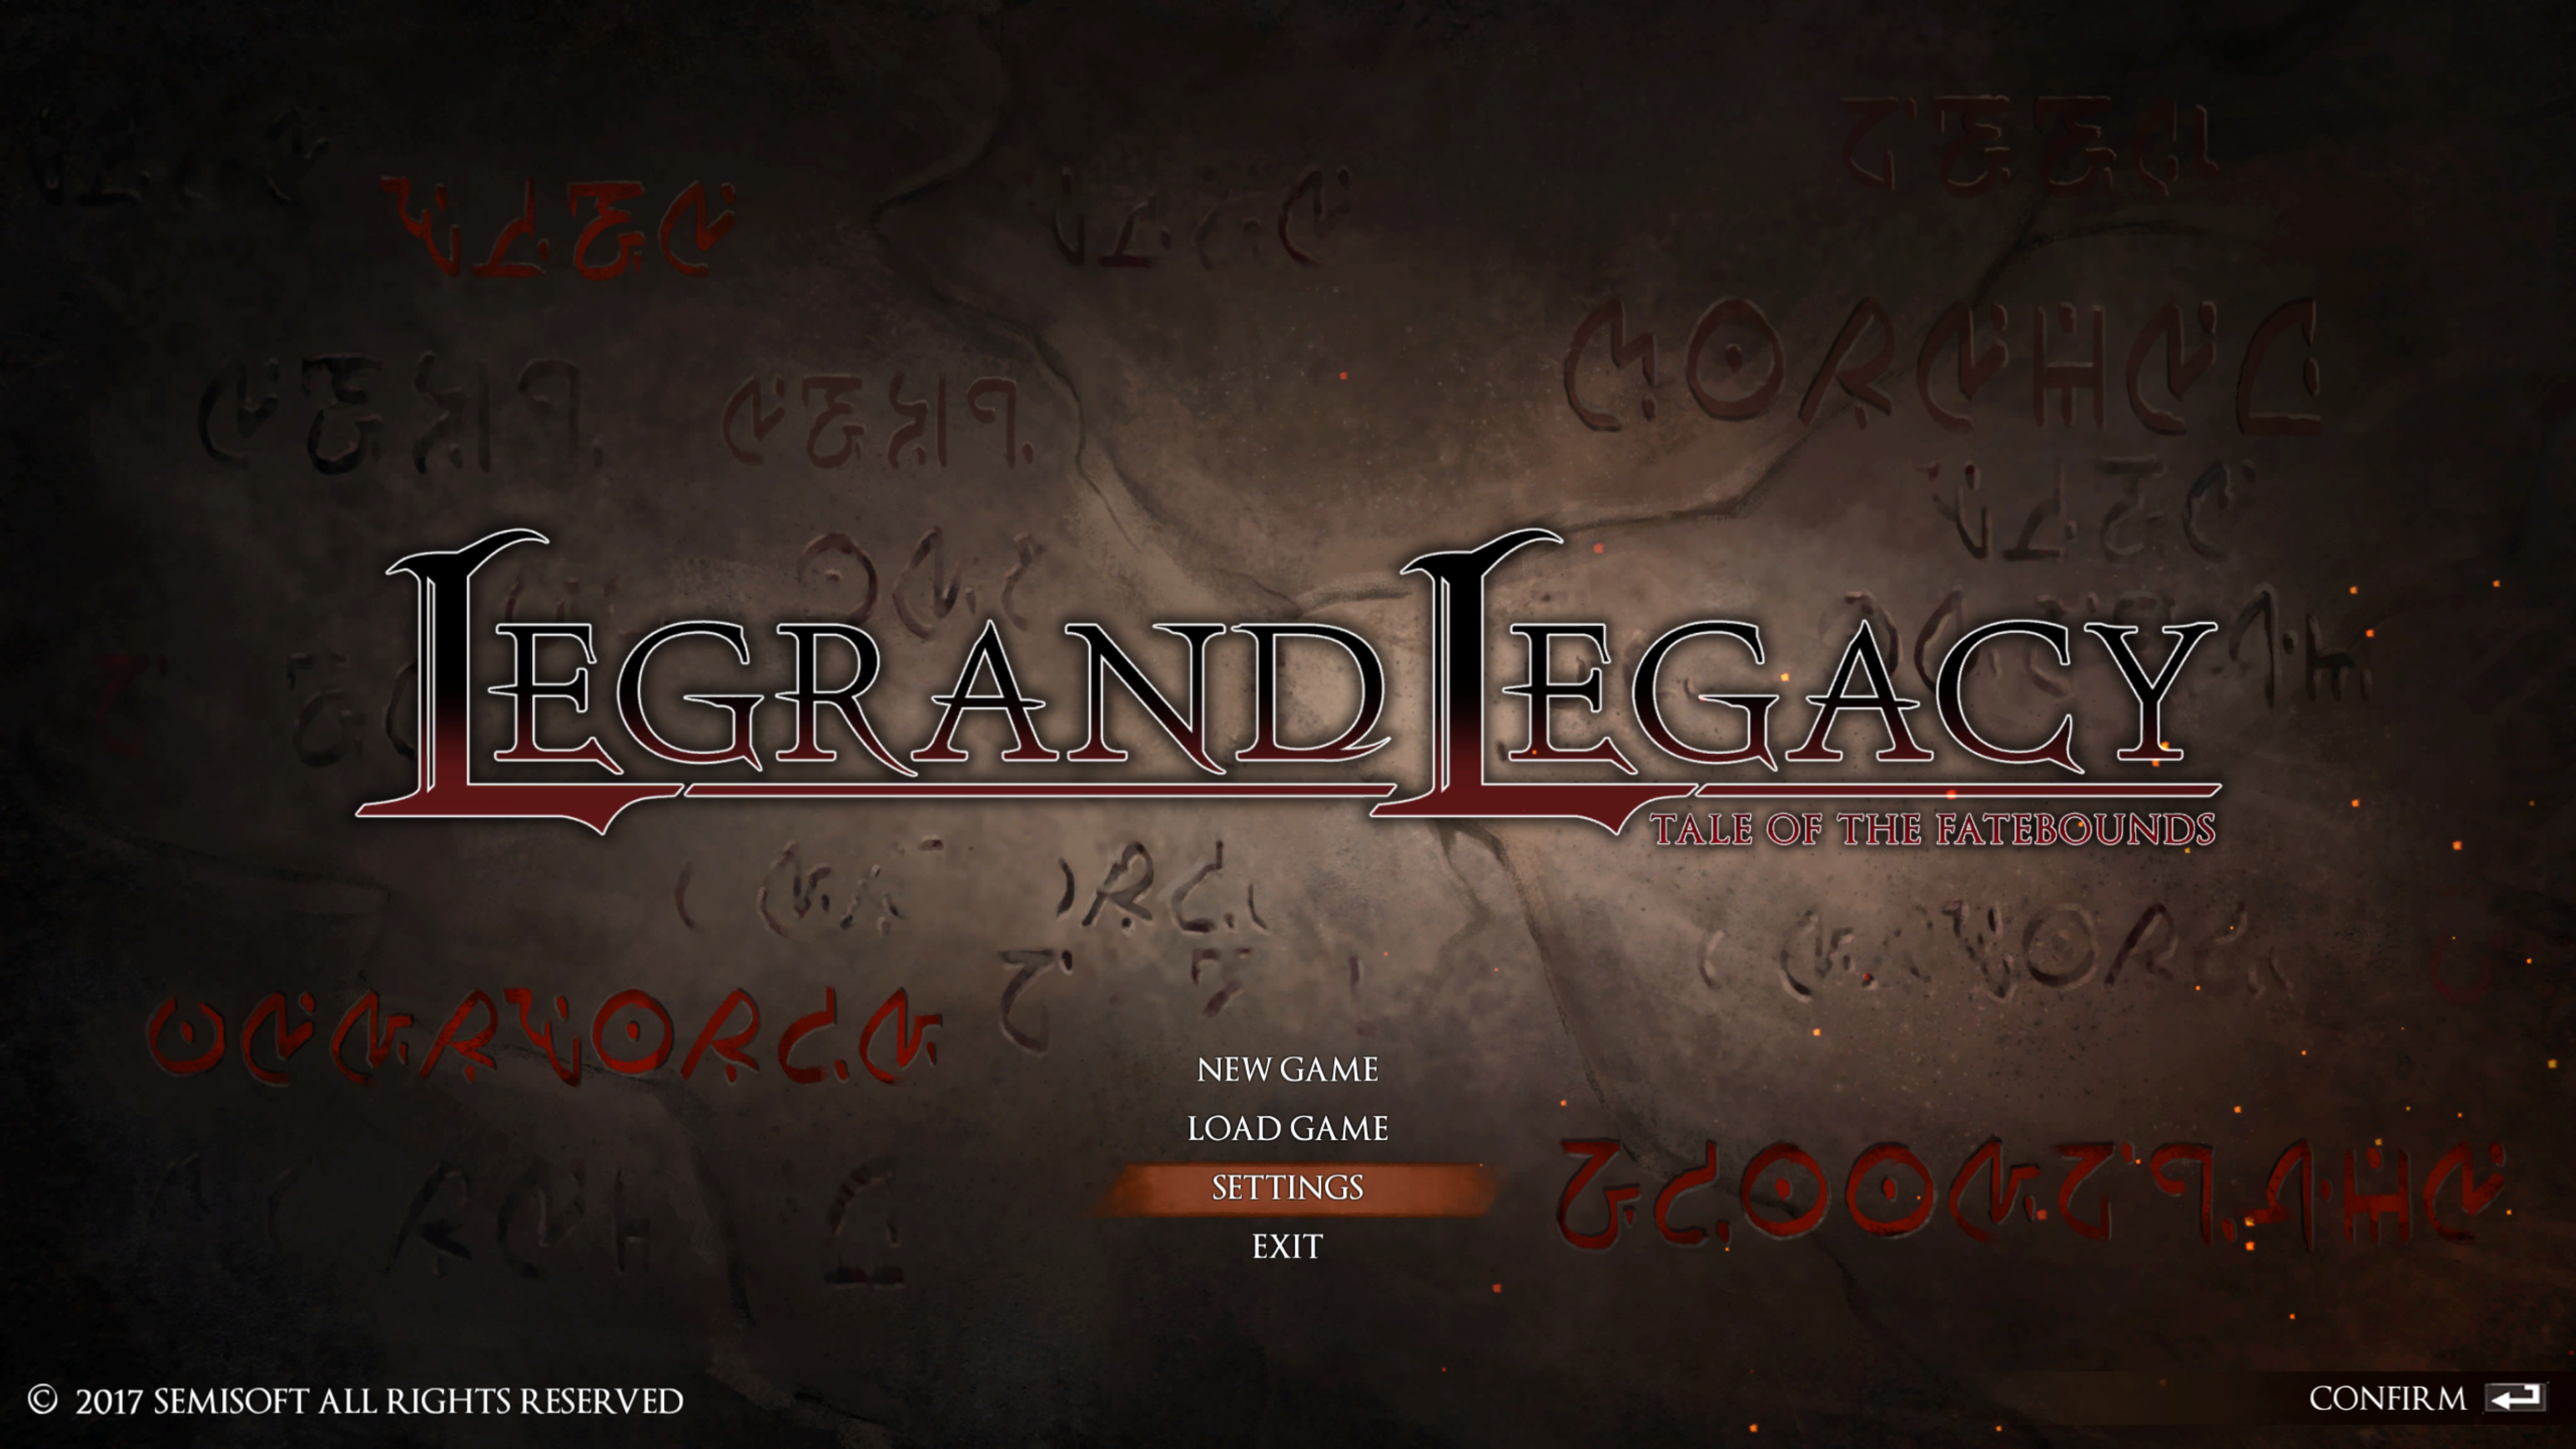 Обзор не найденной игры (ч.132) Legrand Legacy: Tale of the Fatebounds. - Изображение 1